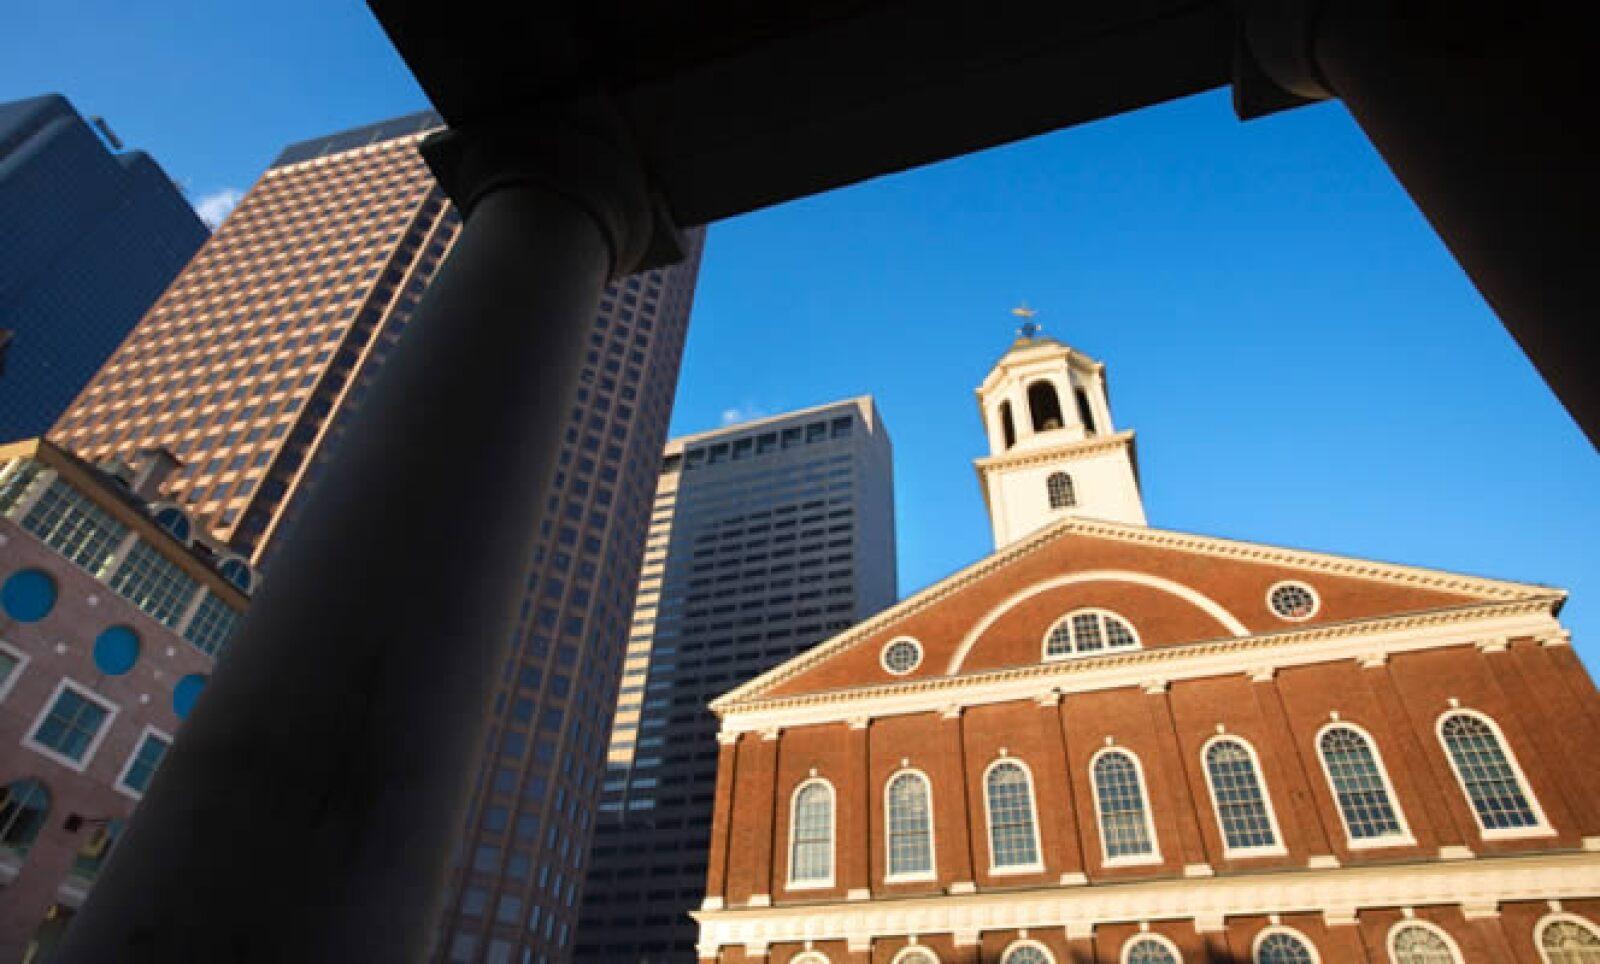 Es en este lugar donde se reúnen la mayoría de los ciudadanos de Boston a festejar las victorias de sus equipos locales (Boston Celtics, basketball; Bruins, hockey y Red Sox, béisbol).